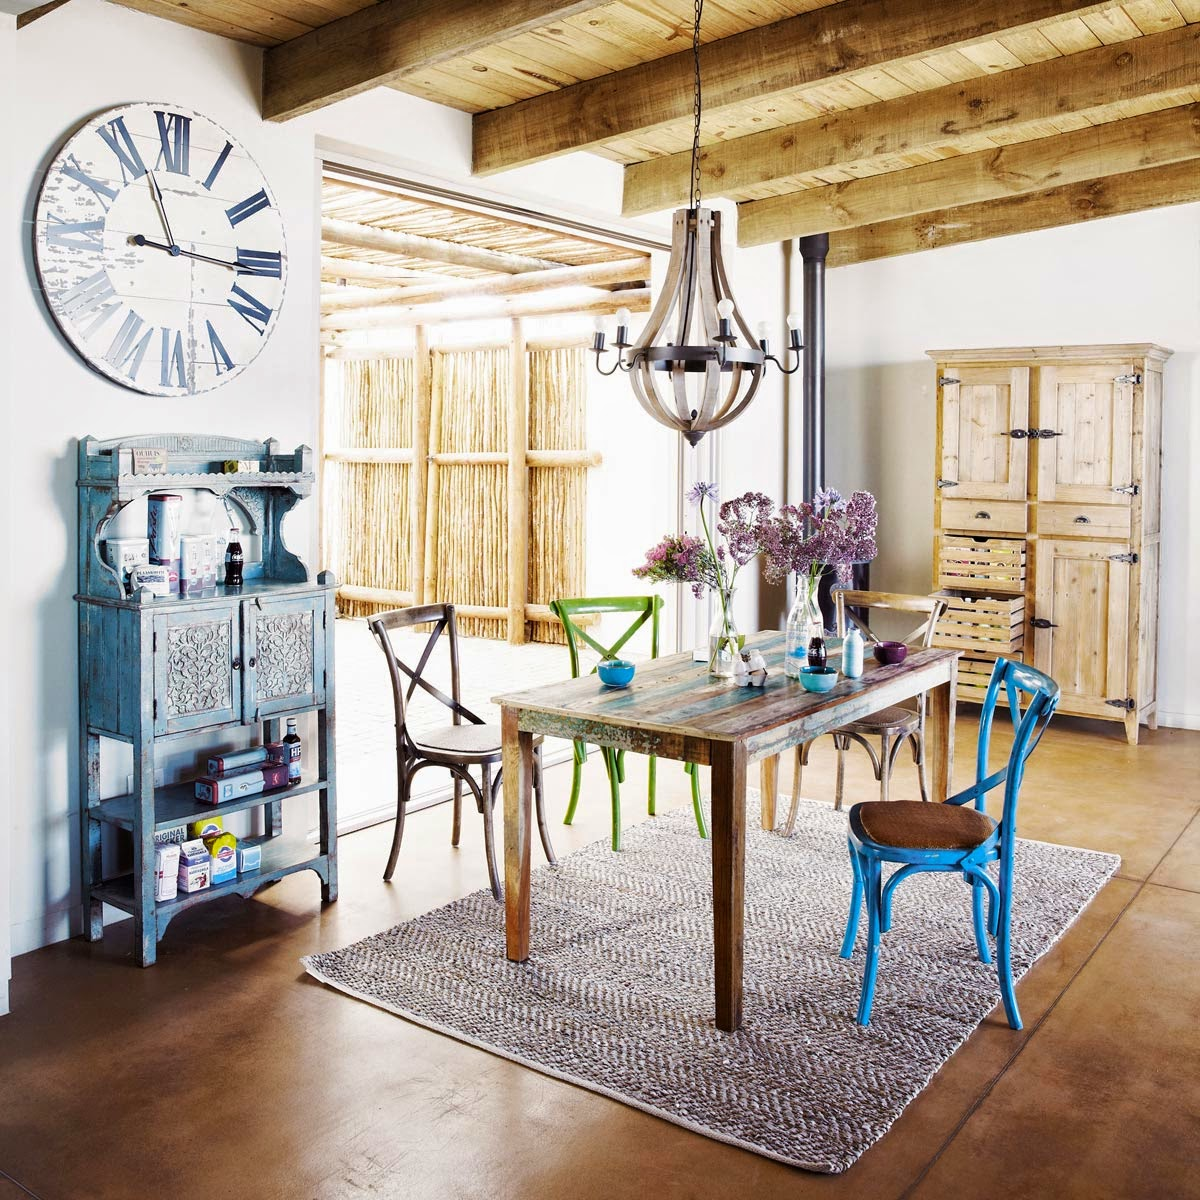 Decotips 4 trucos para decorar el comedor con acierto virlova style - Decorar el comedor ...